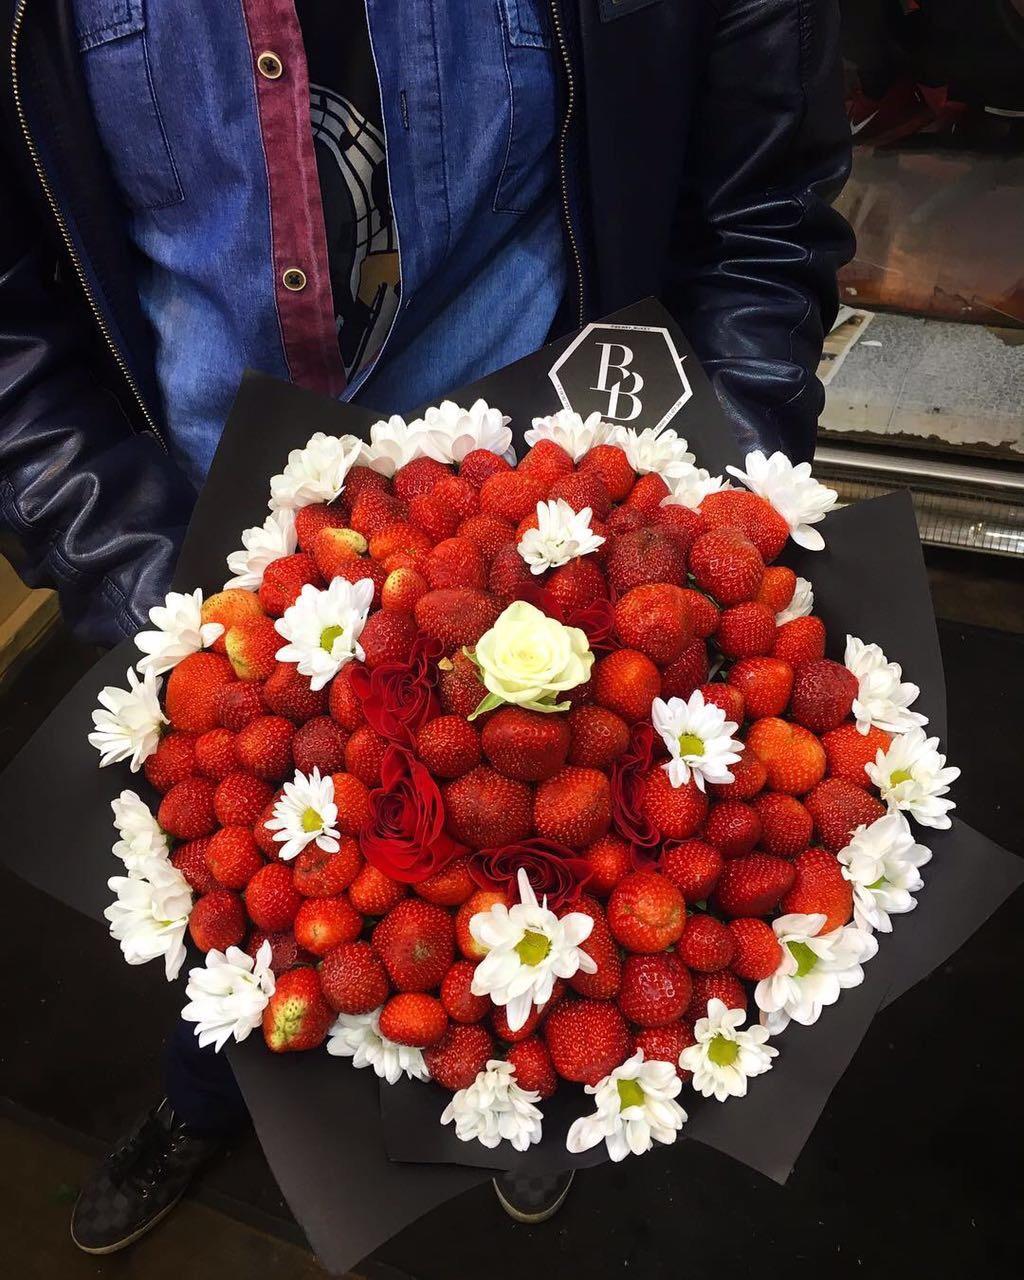 Букет из 2 кг клубники + цветы<br>